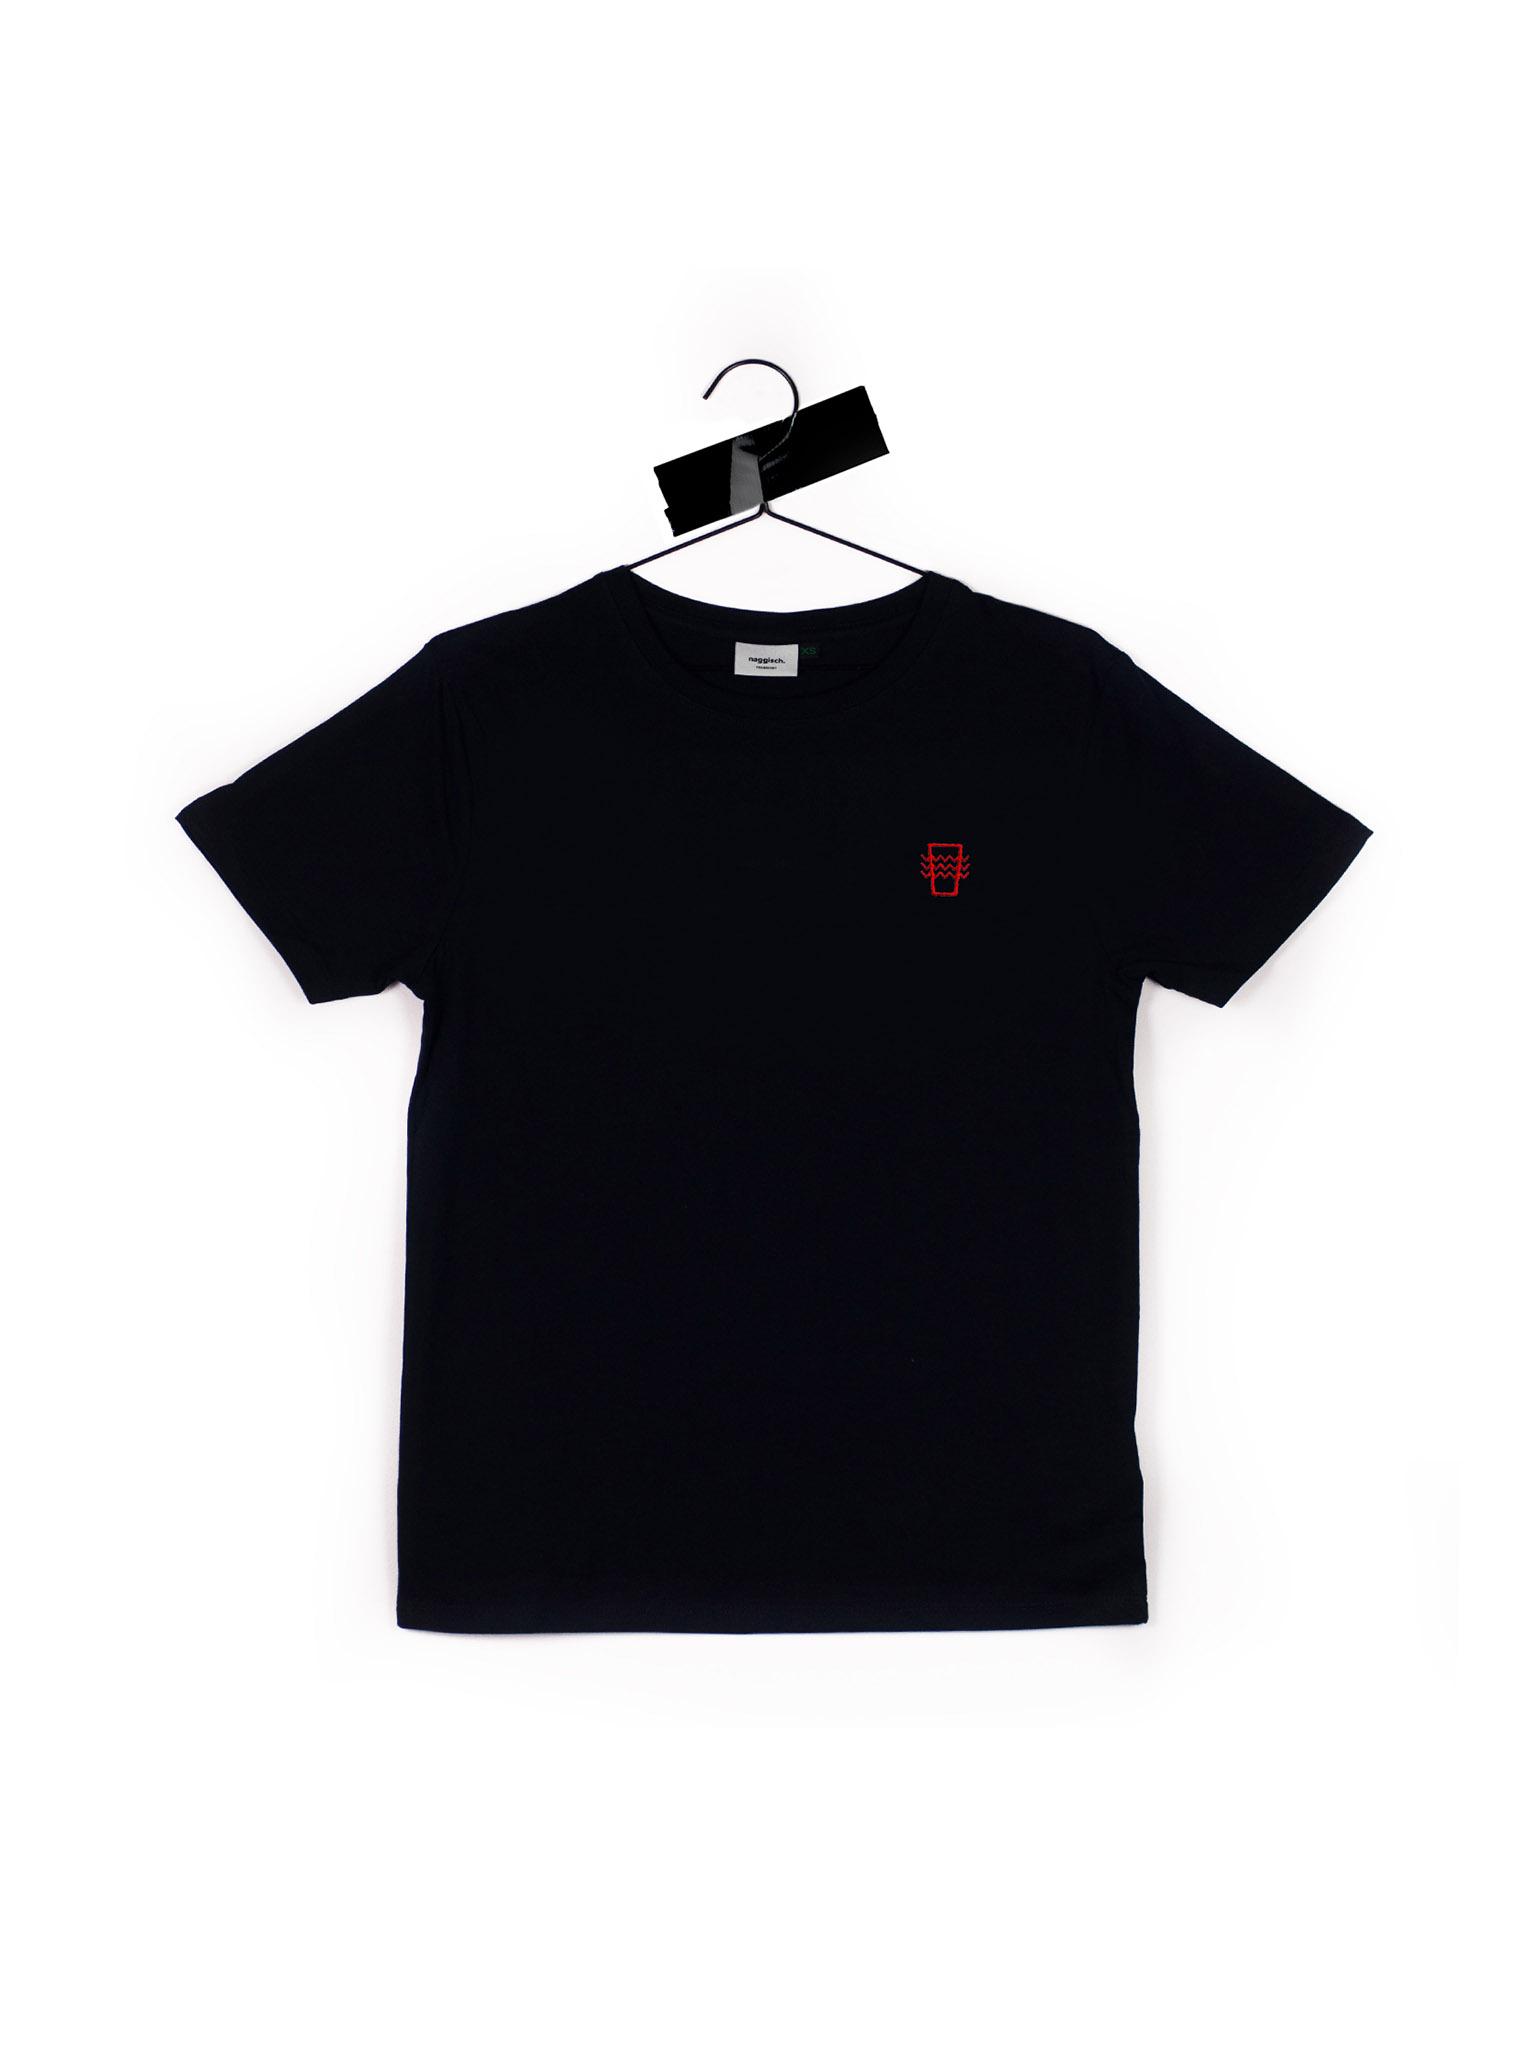 Naggisch T-Shirt Geripptes Schwarz